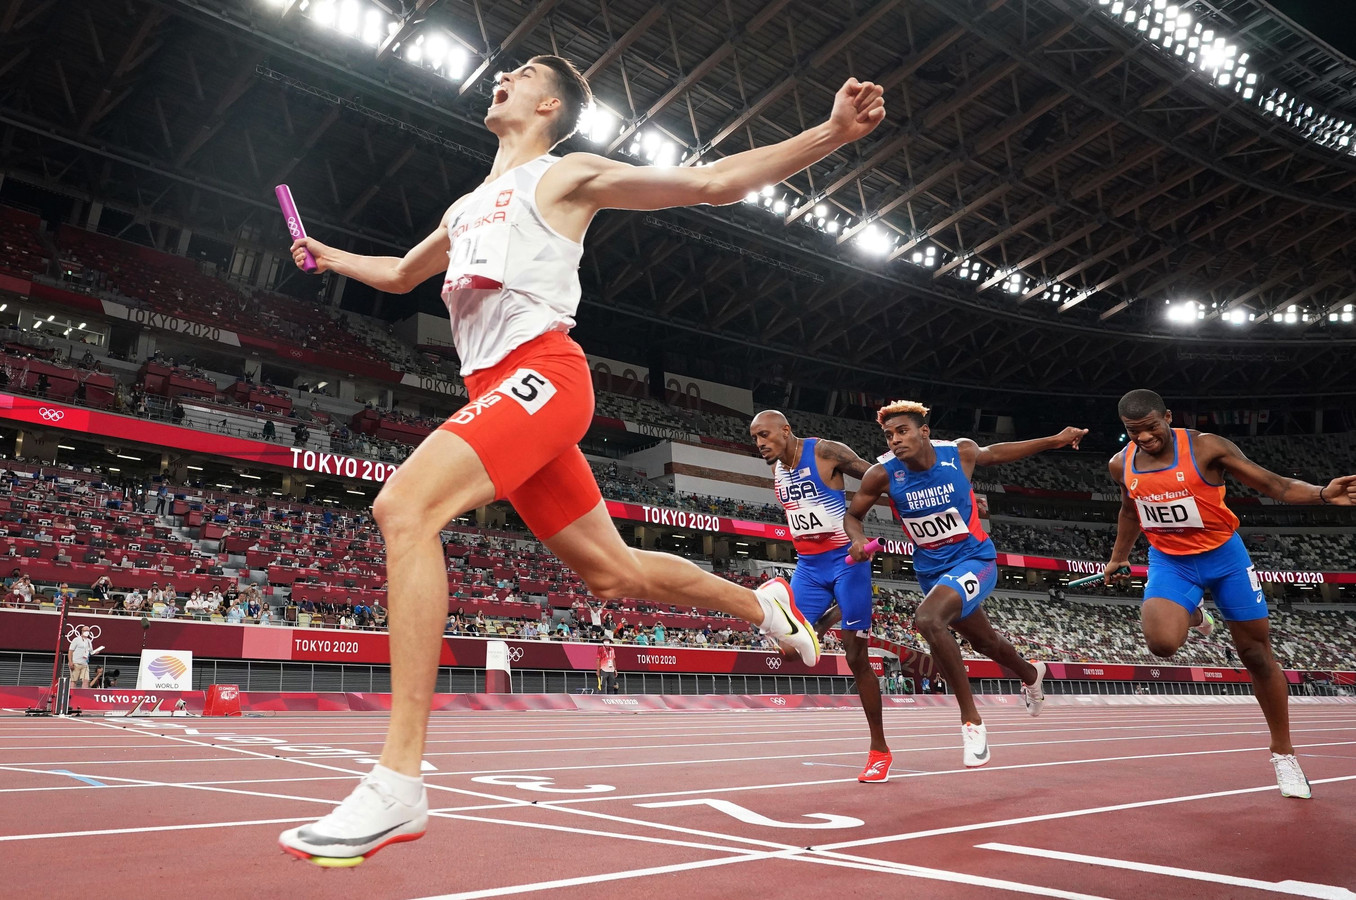 De finish van de 4x400 meter gemengde estafette.